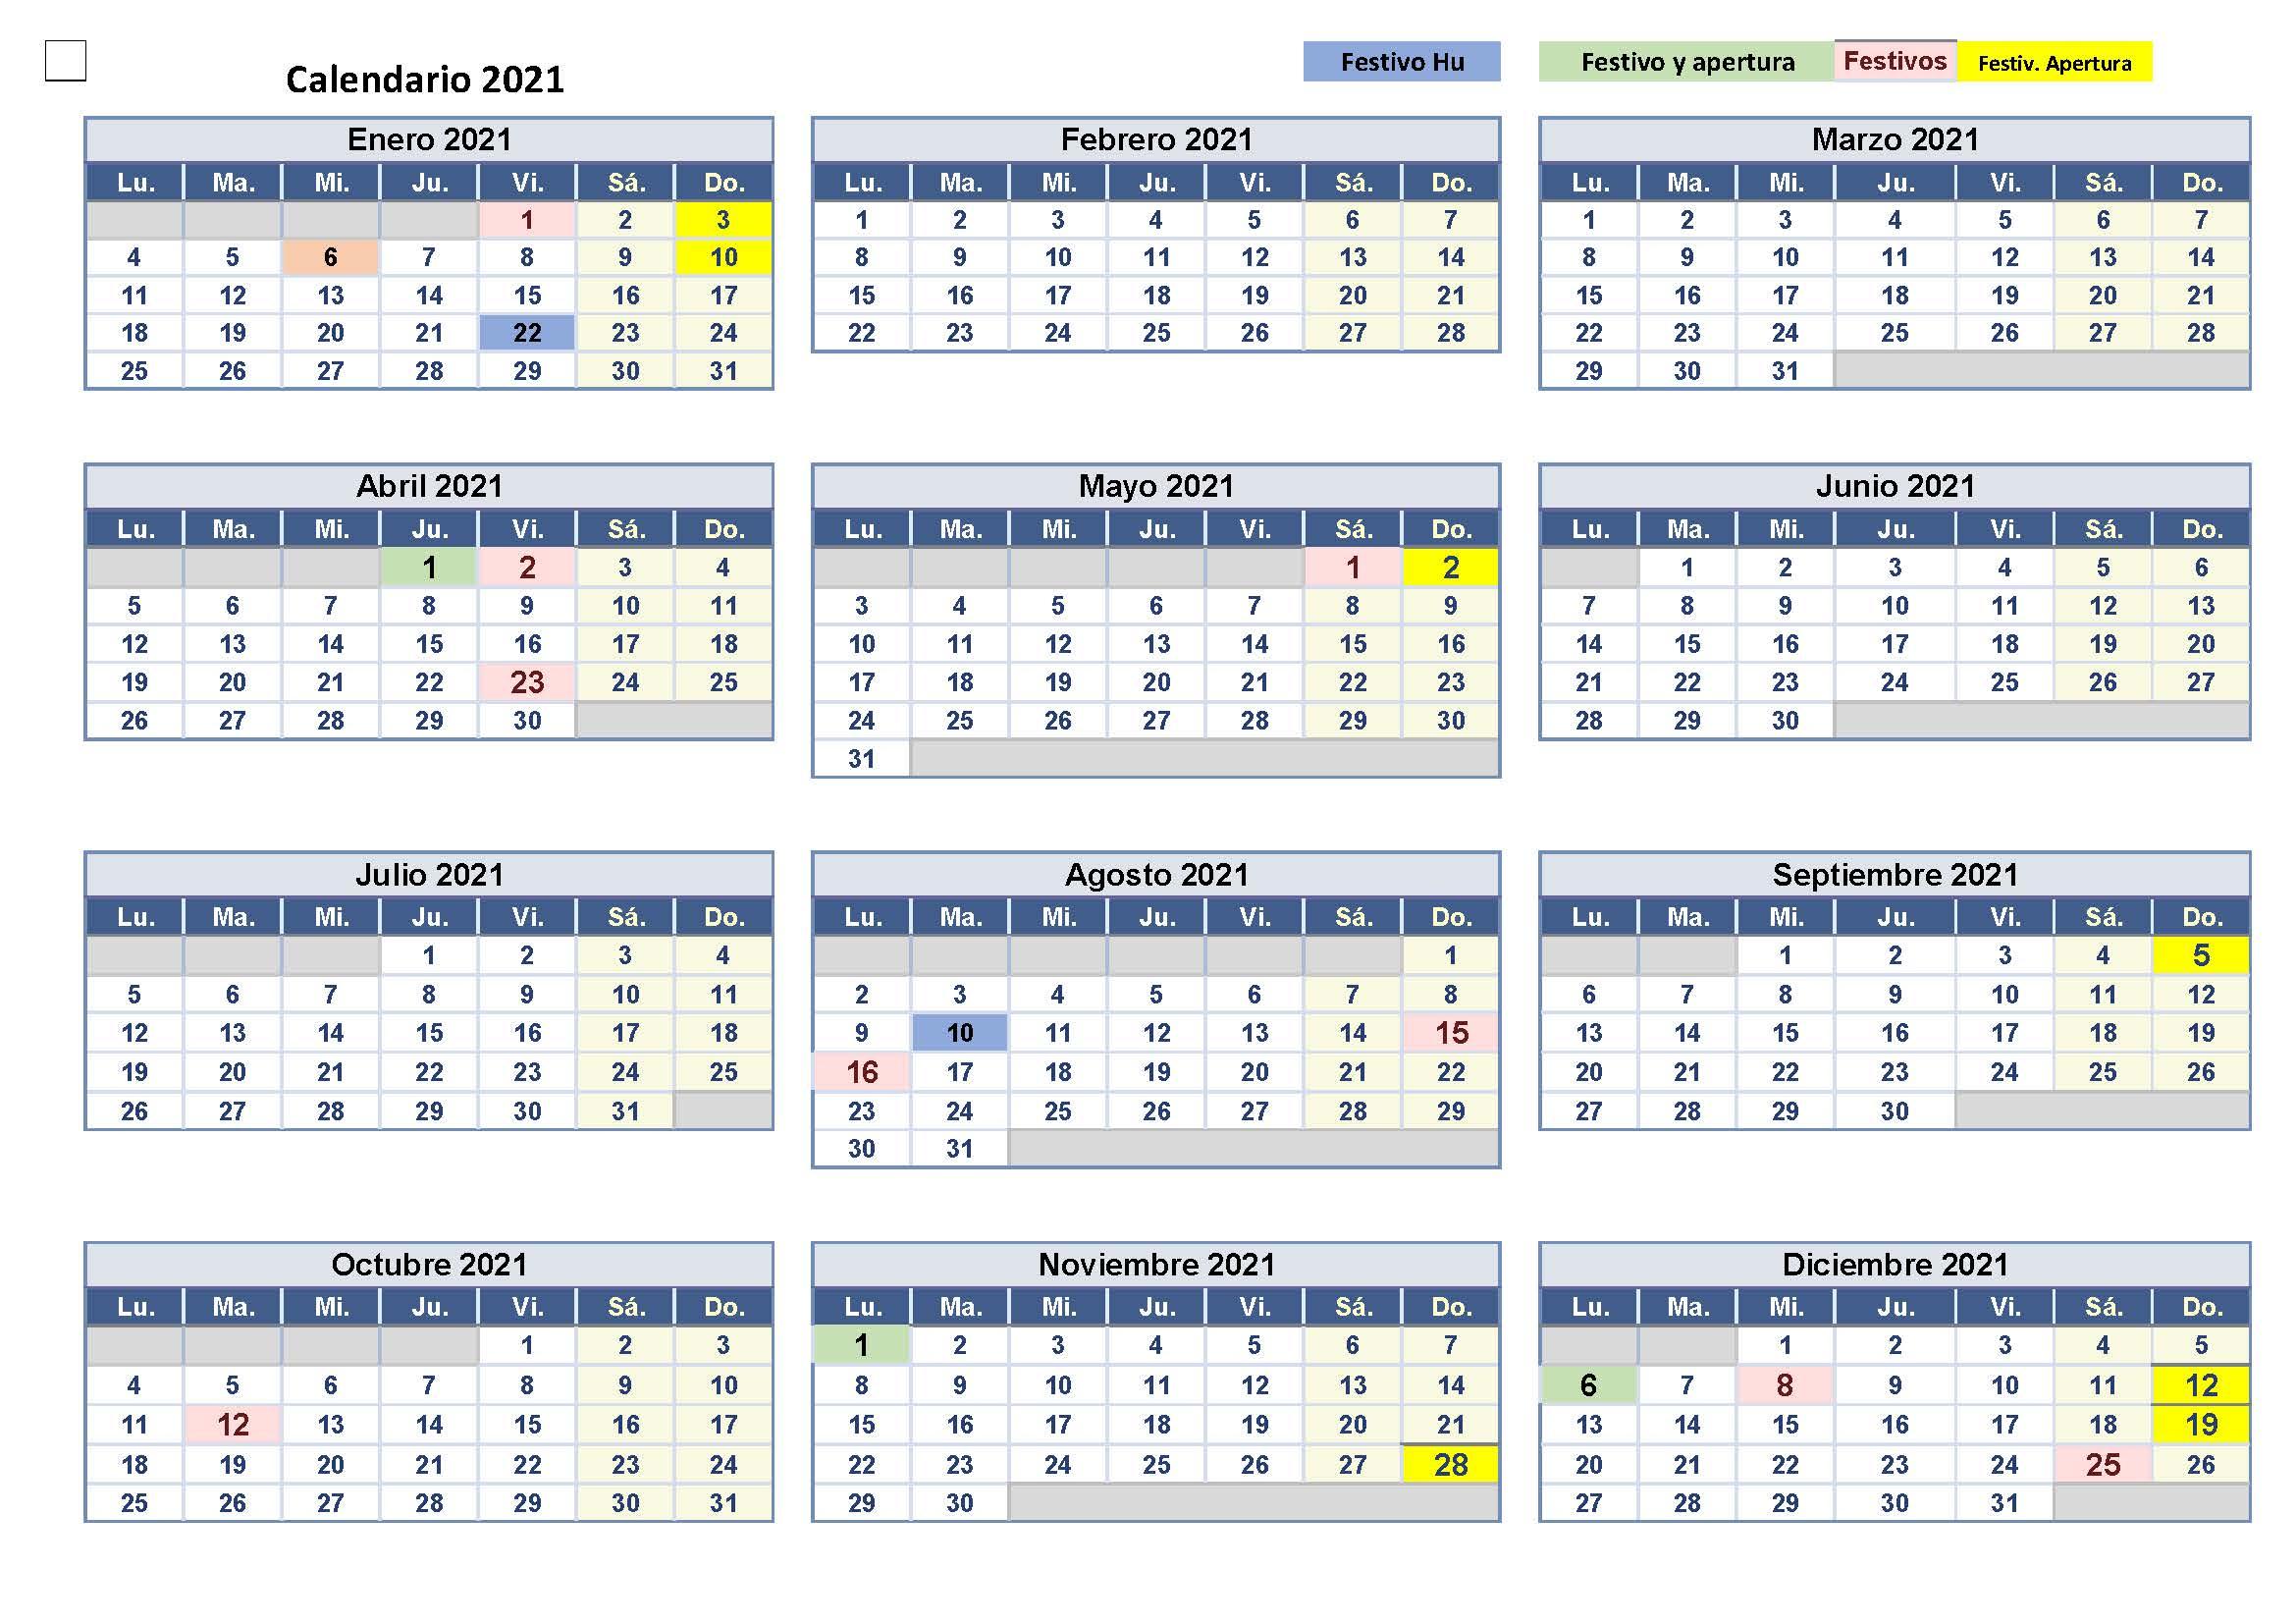 Calendario 2021- Festivos, Festivos Apertura Y Fiestas